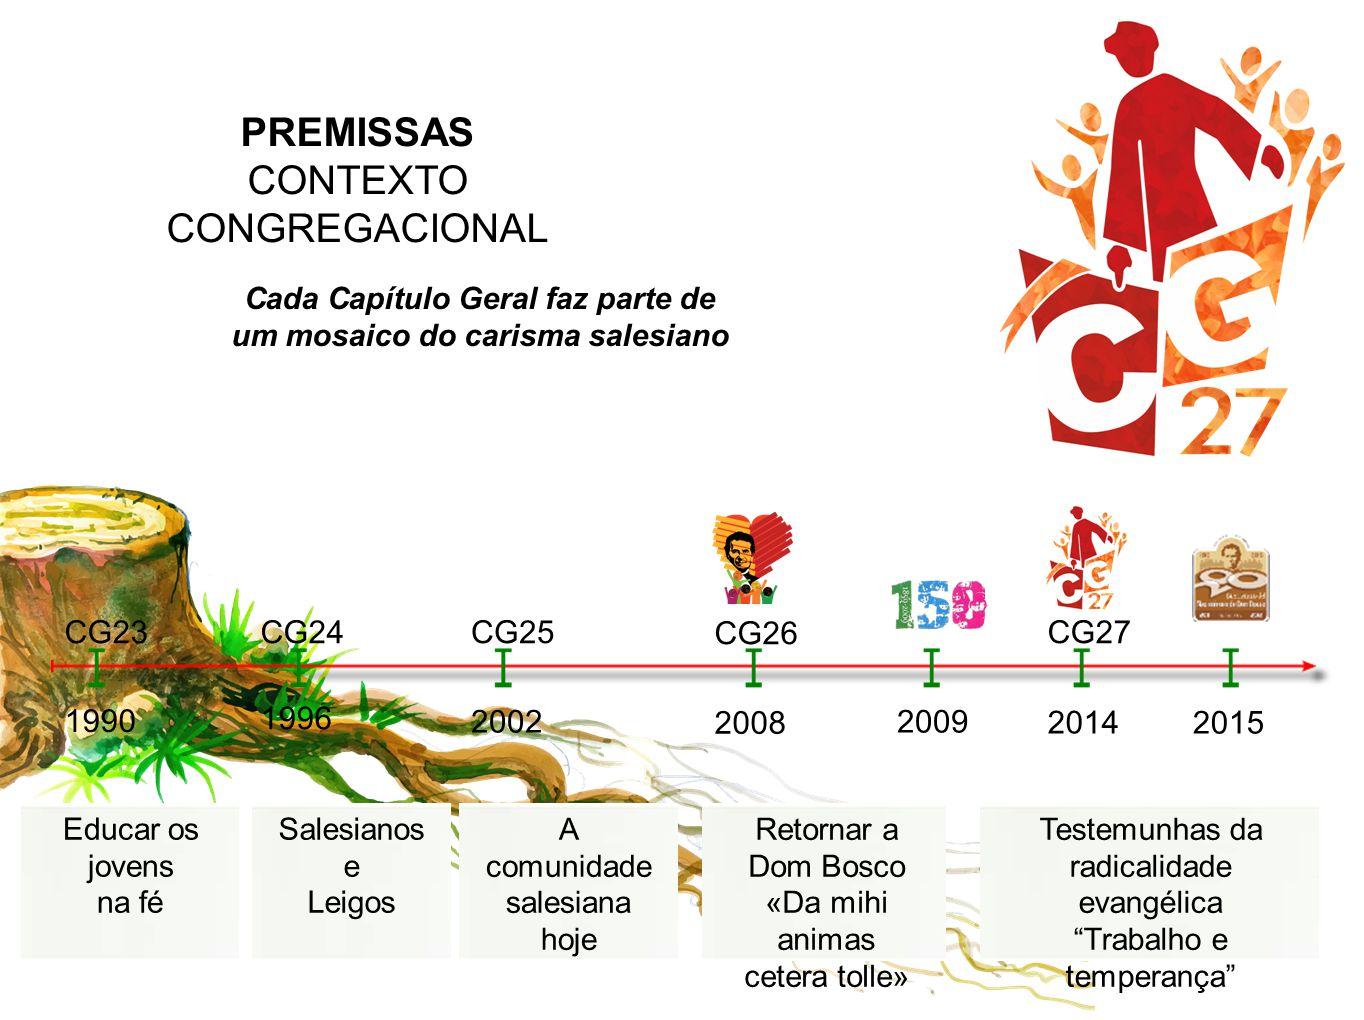 PREMISSAS CONTEXTO CONGREGACIONAL Cada Capítulo Geral faz parte de um mosaico do carisma salesiano CG23CG24CG25 CG26 CG27 1990 1996 2002 2008 2009 201